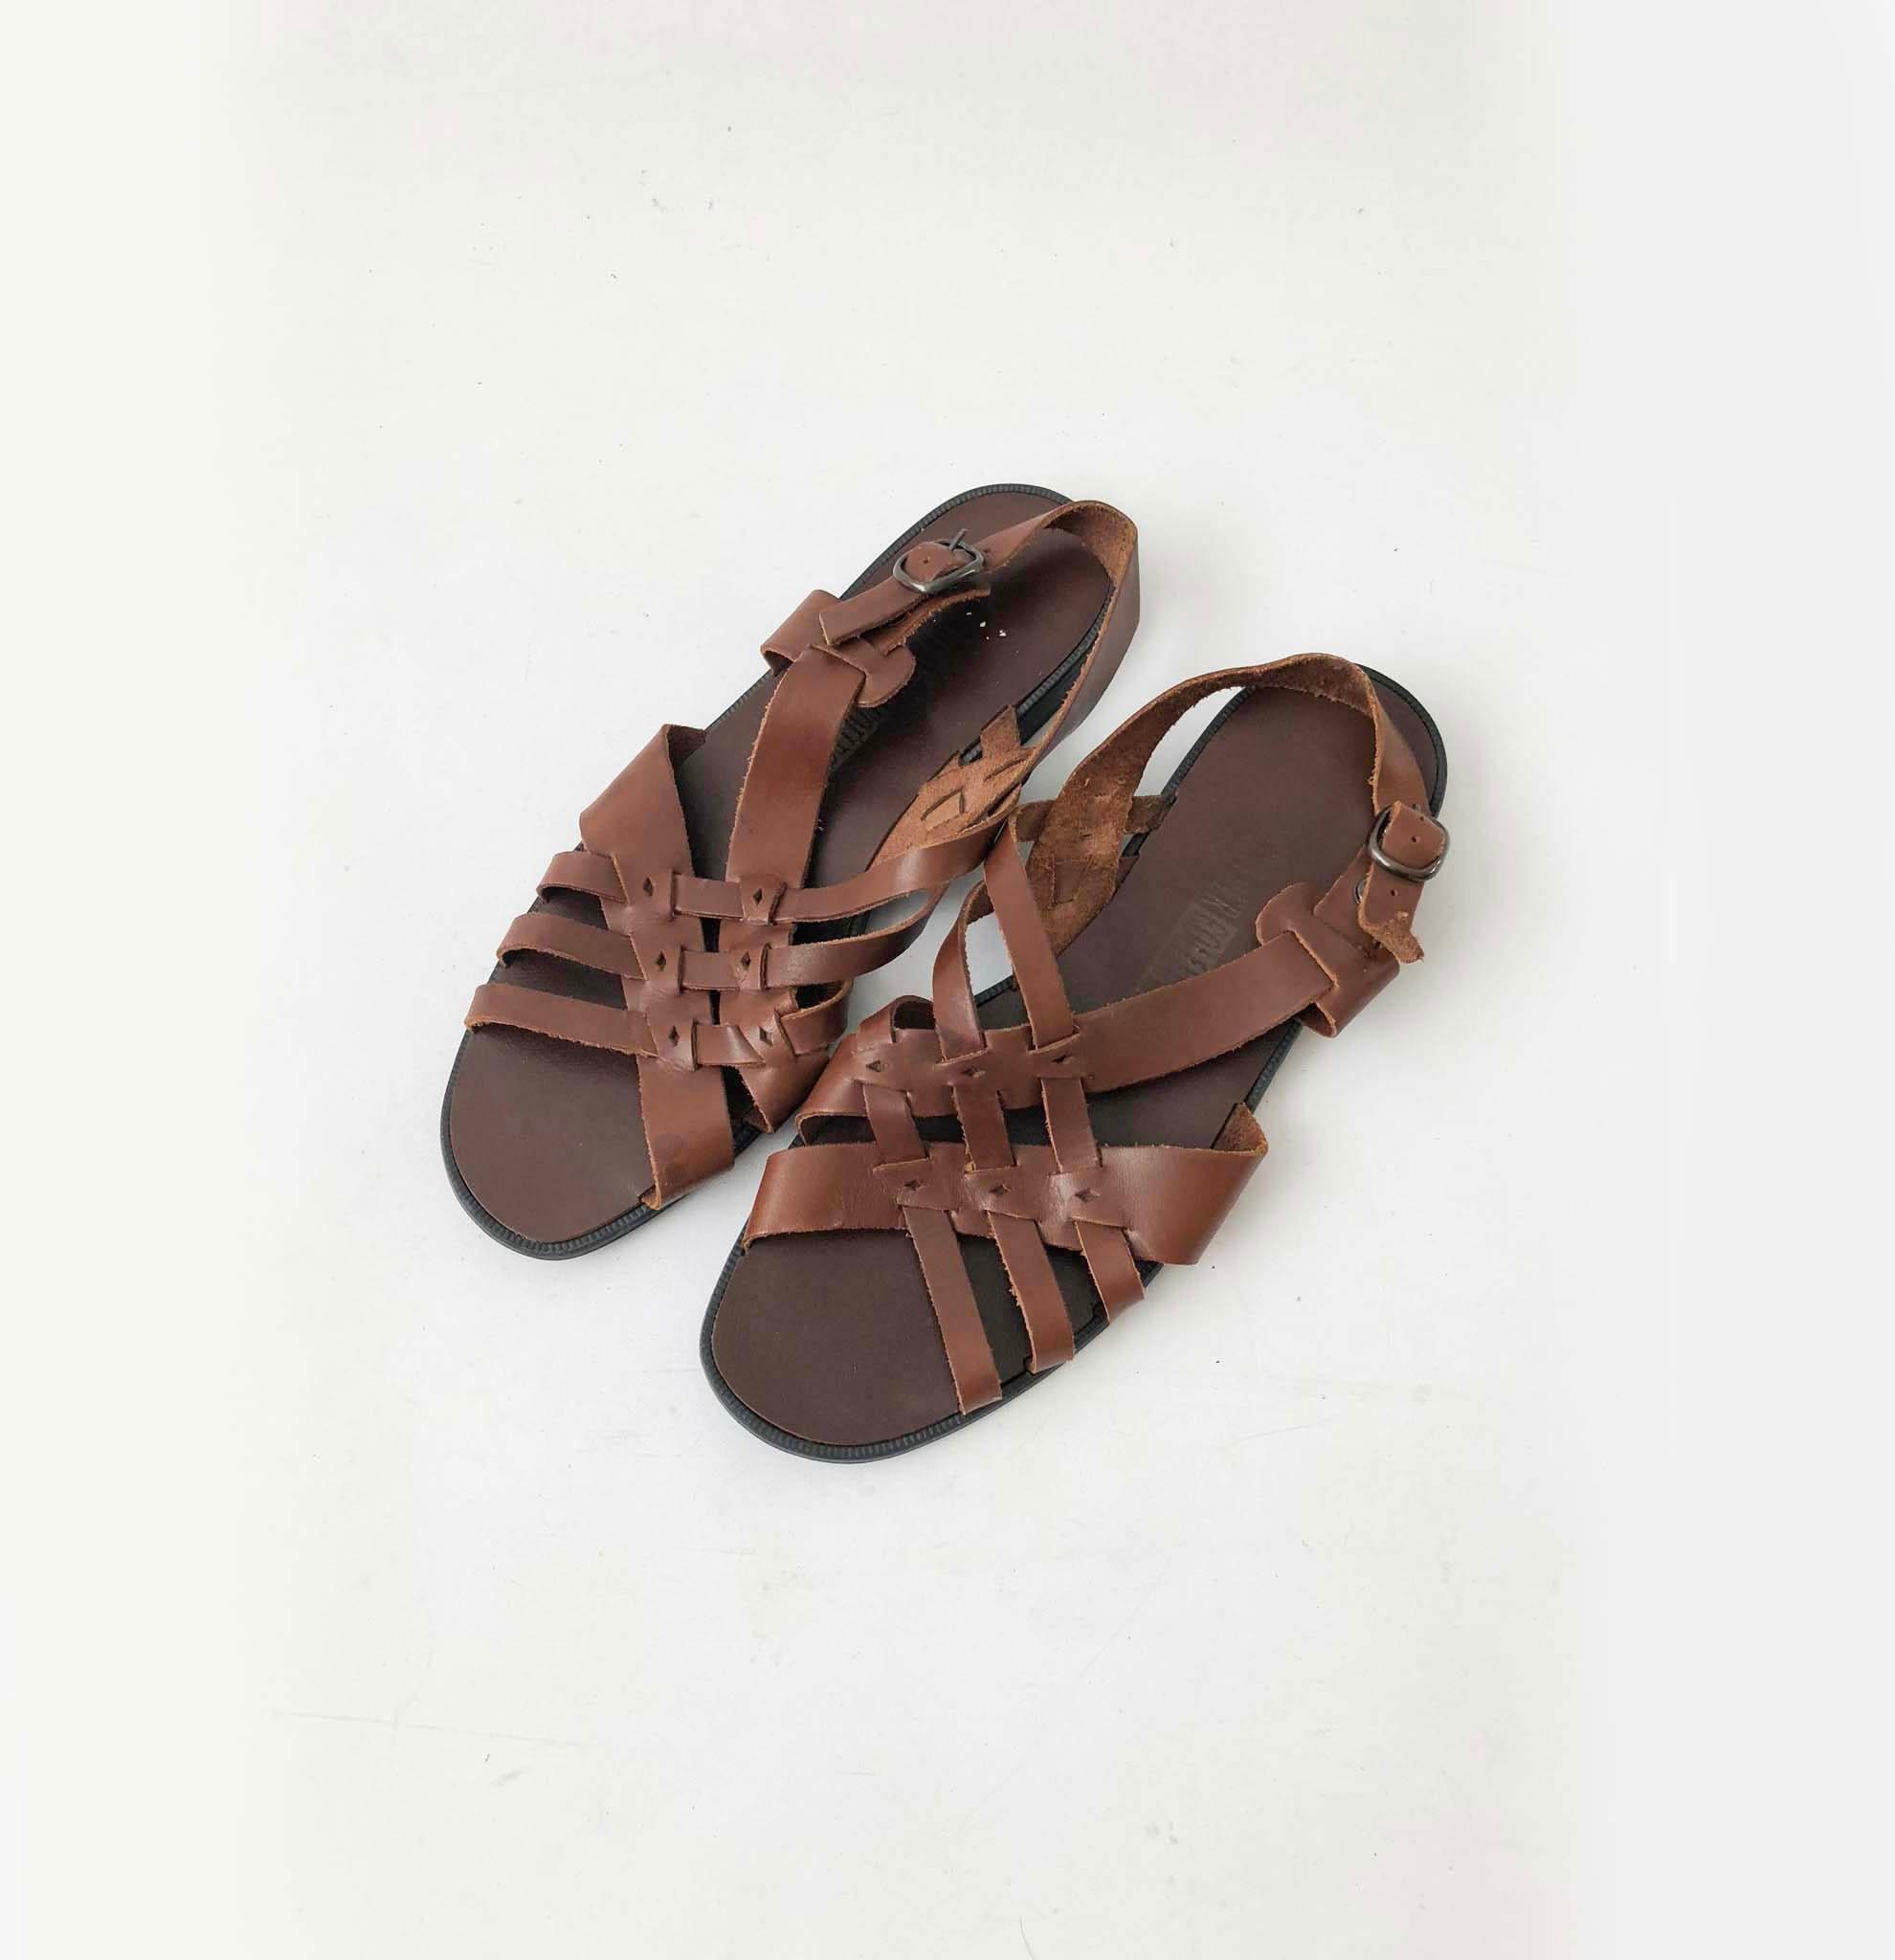 sandales à lanières en cuir tressé vintage de chocolat chocolat chocolat hippie hippie -   apparteHommes ts - bohémien jésus sandales chaussures - taille  b a1b4bf